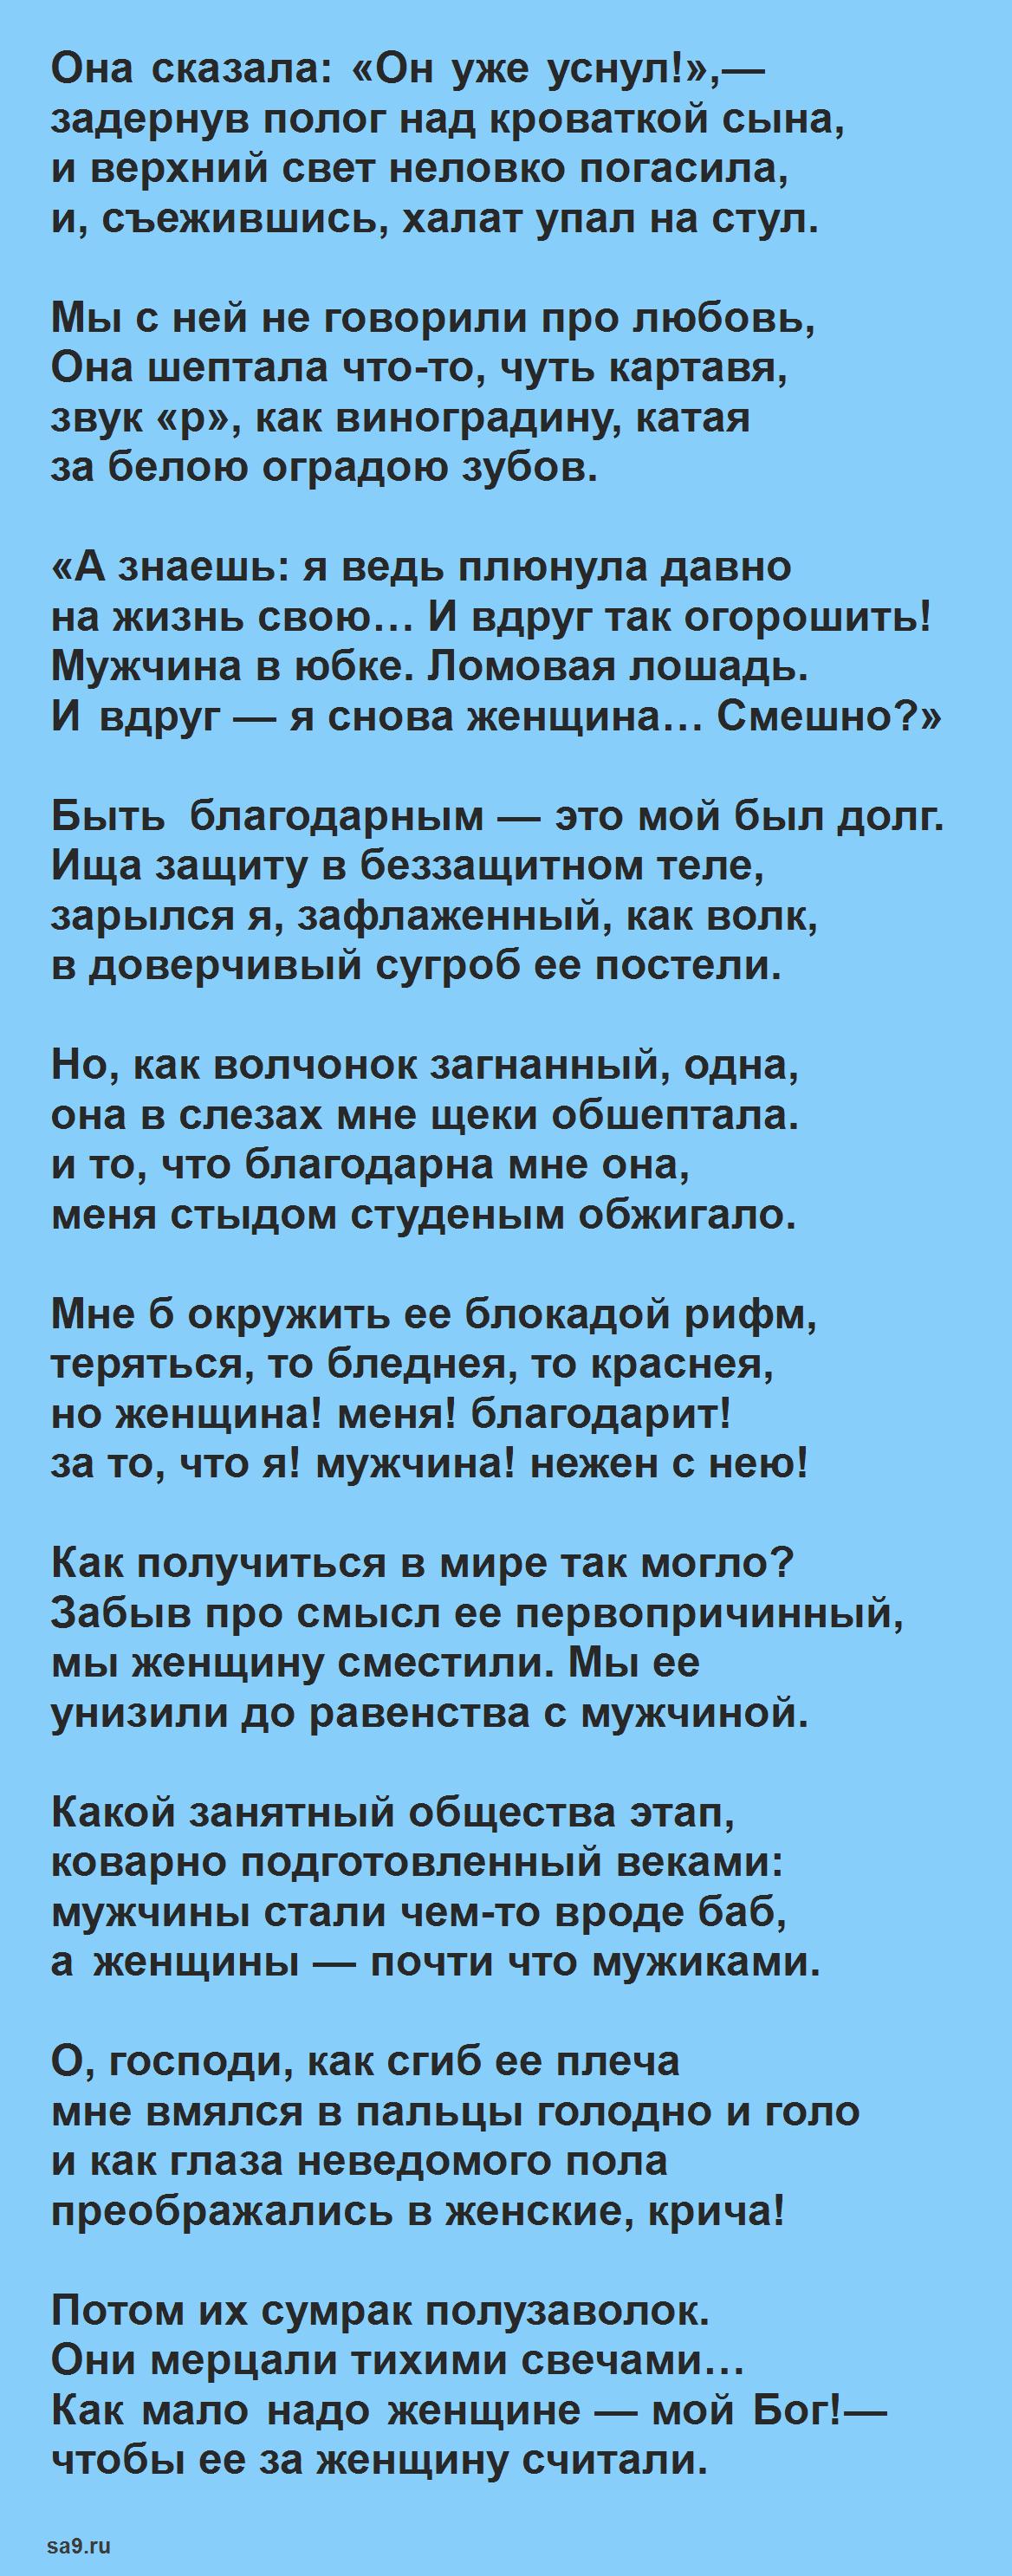 Читать стихи Евтушенко о женщине - Благодарность